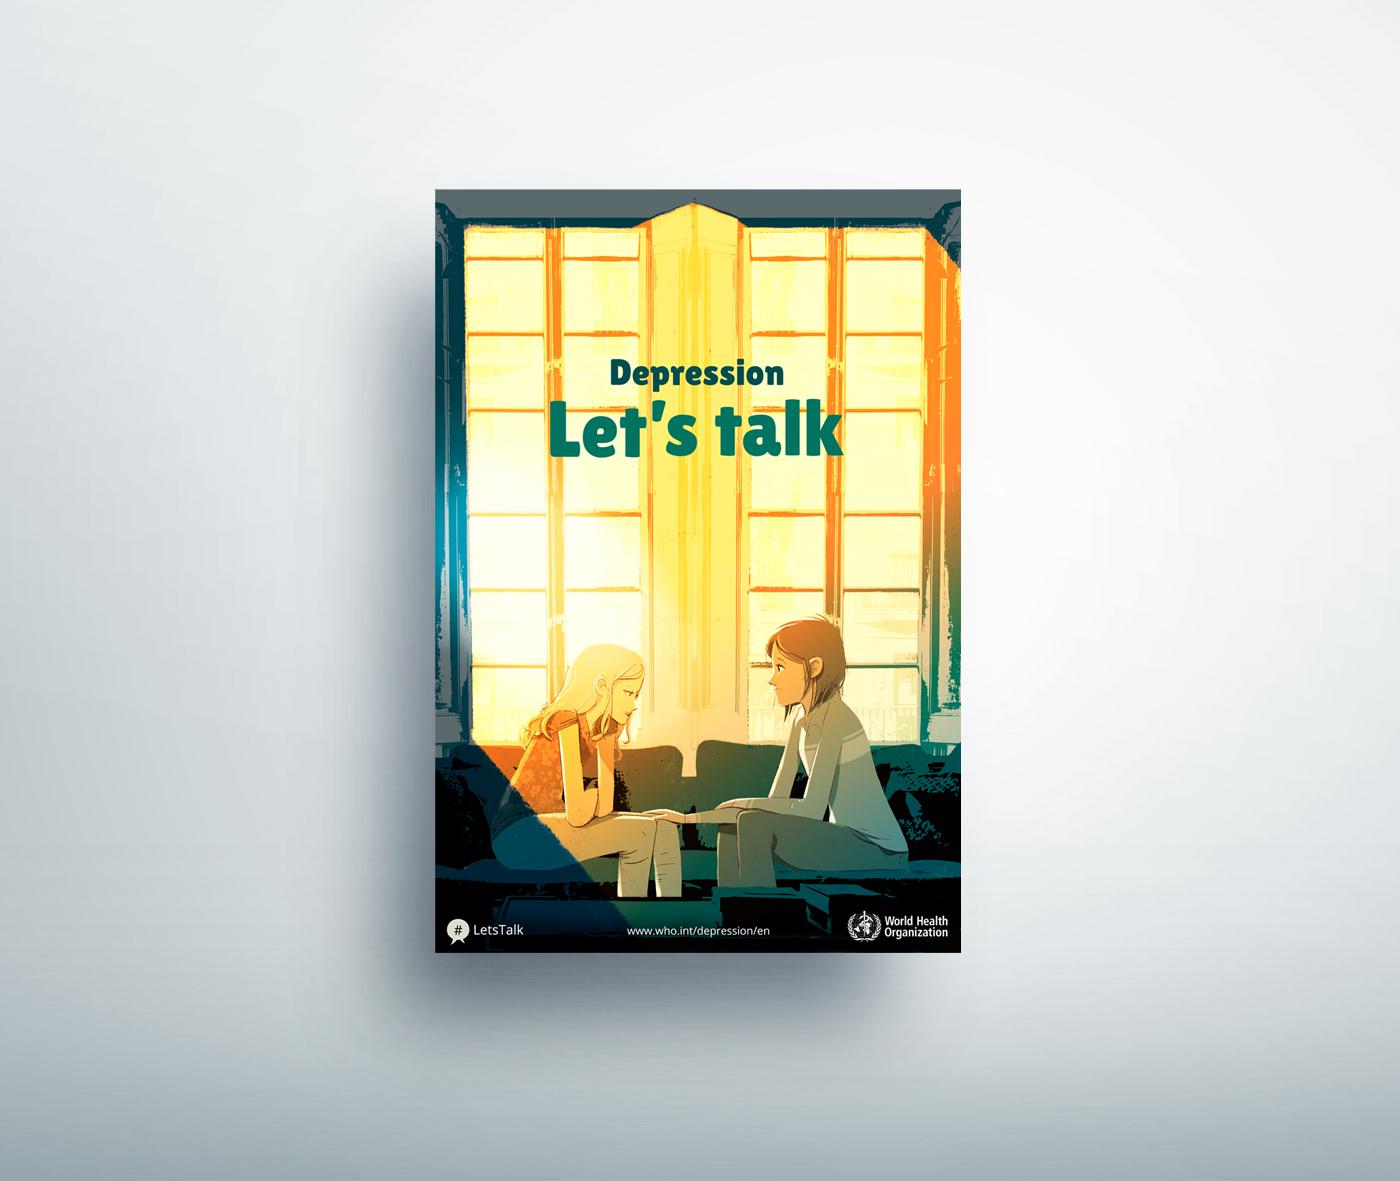 Depression - Let's talk